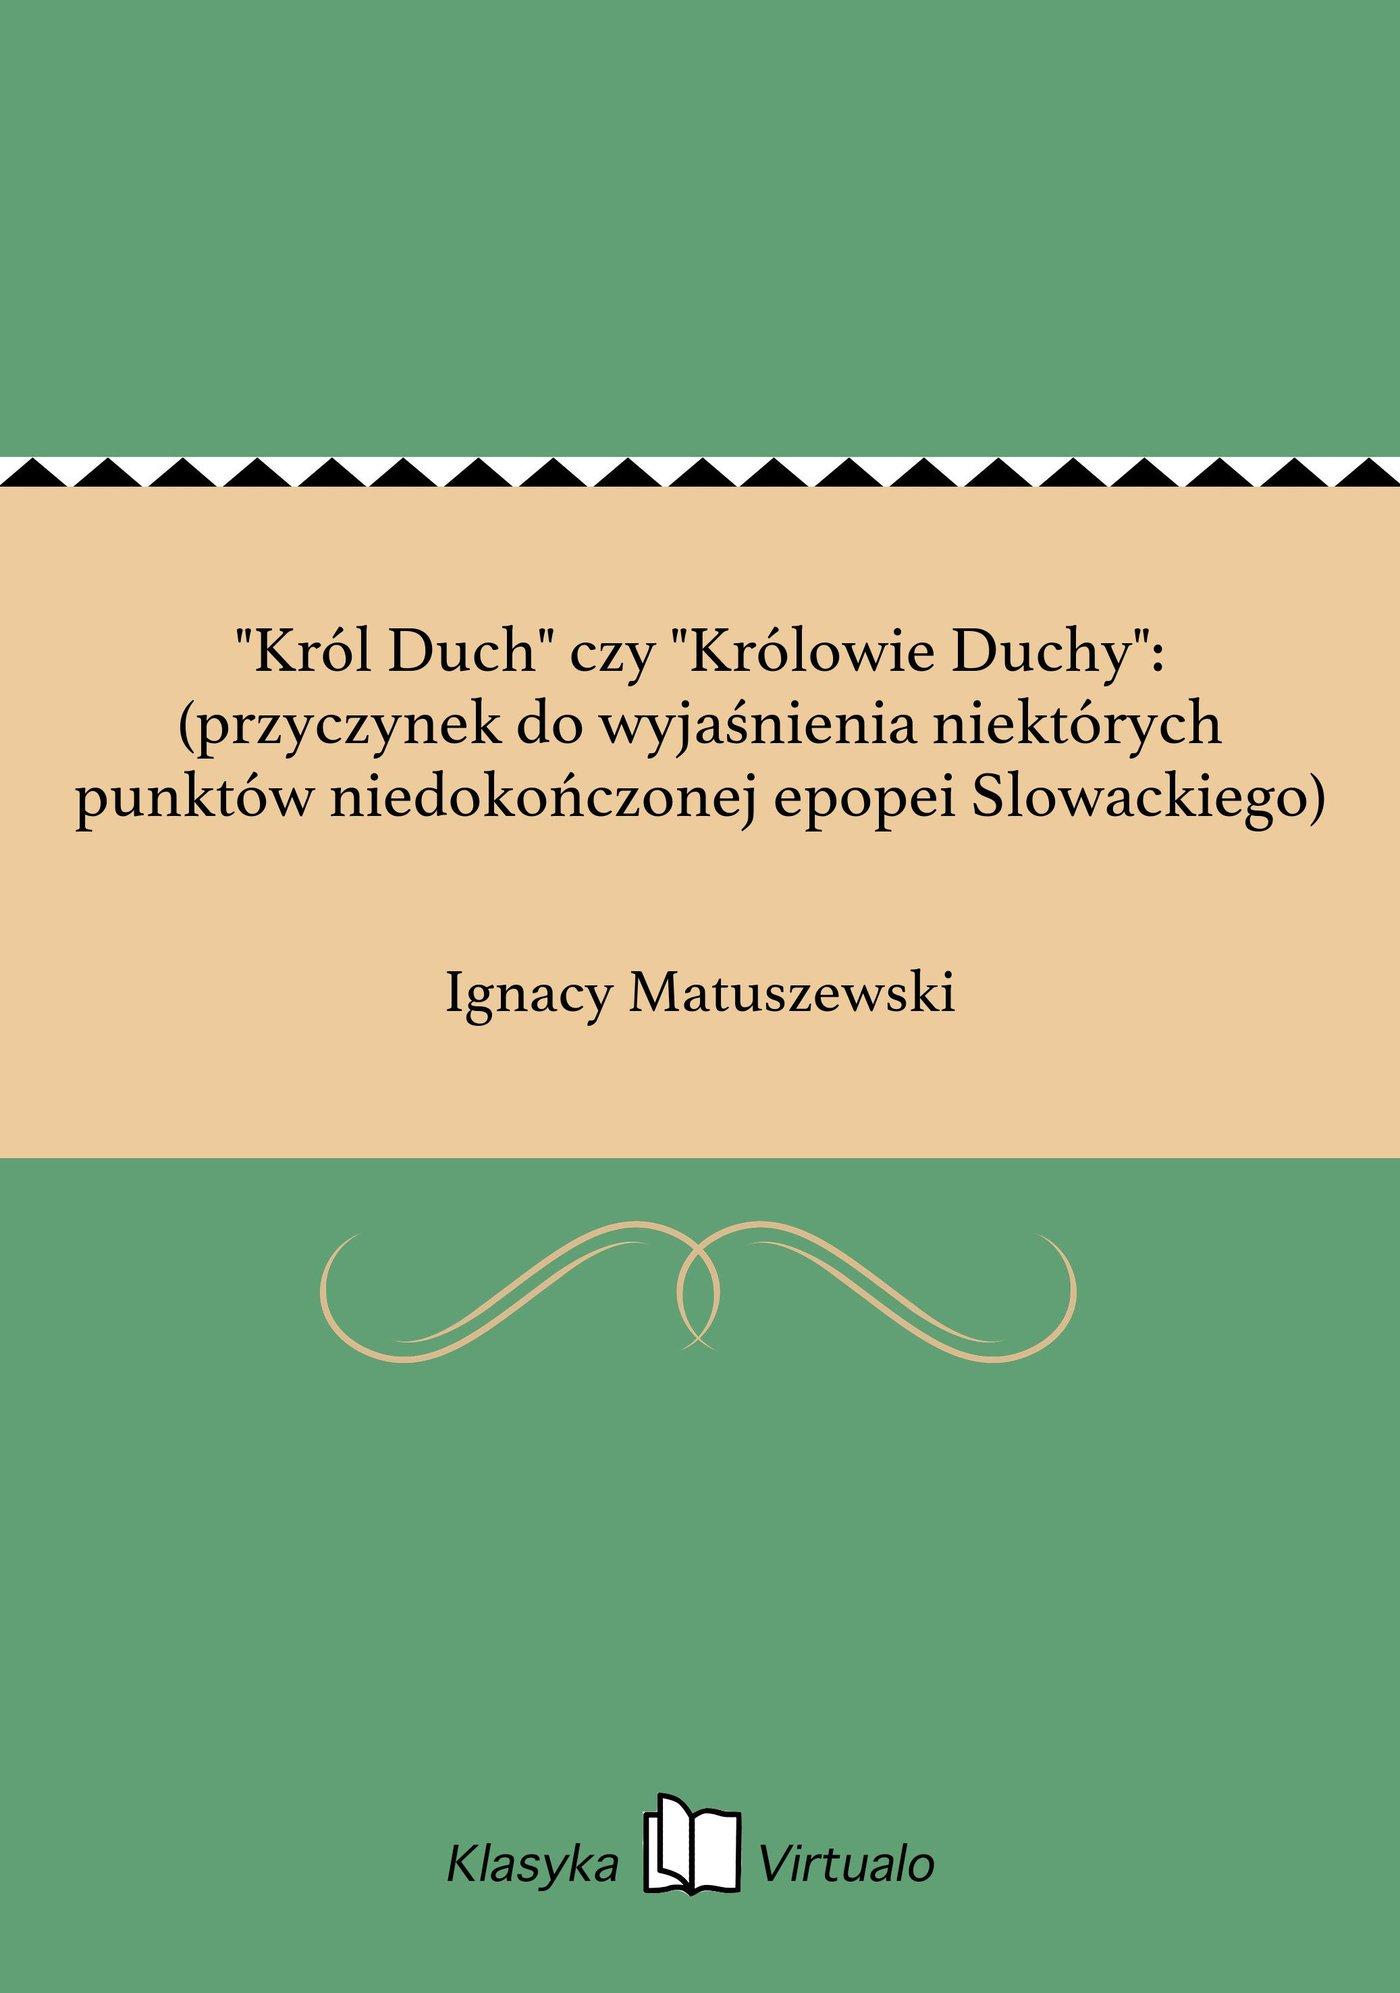 """""""Król Duch"""" czy """"Królowie Duchy"""": (przyczynek do wyjaśnienia niektórych punktów niedokończonej epopei Slowackiego) - Ebook (Książka na Kindle) do pobrania w formacie MOBI"""